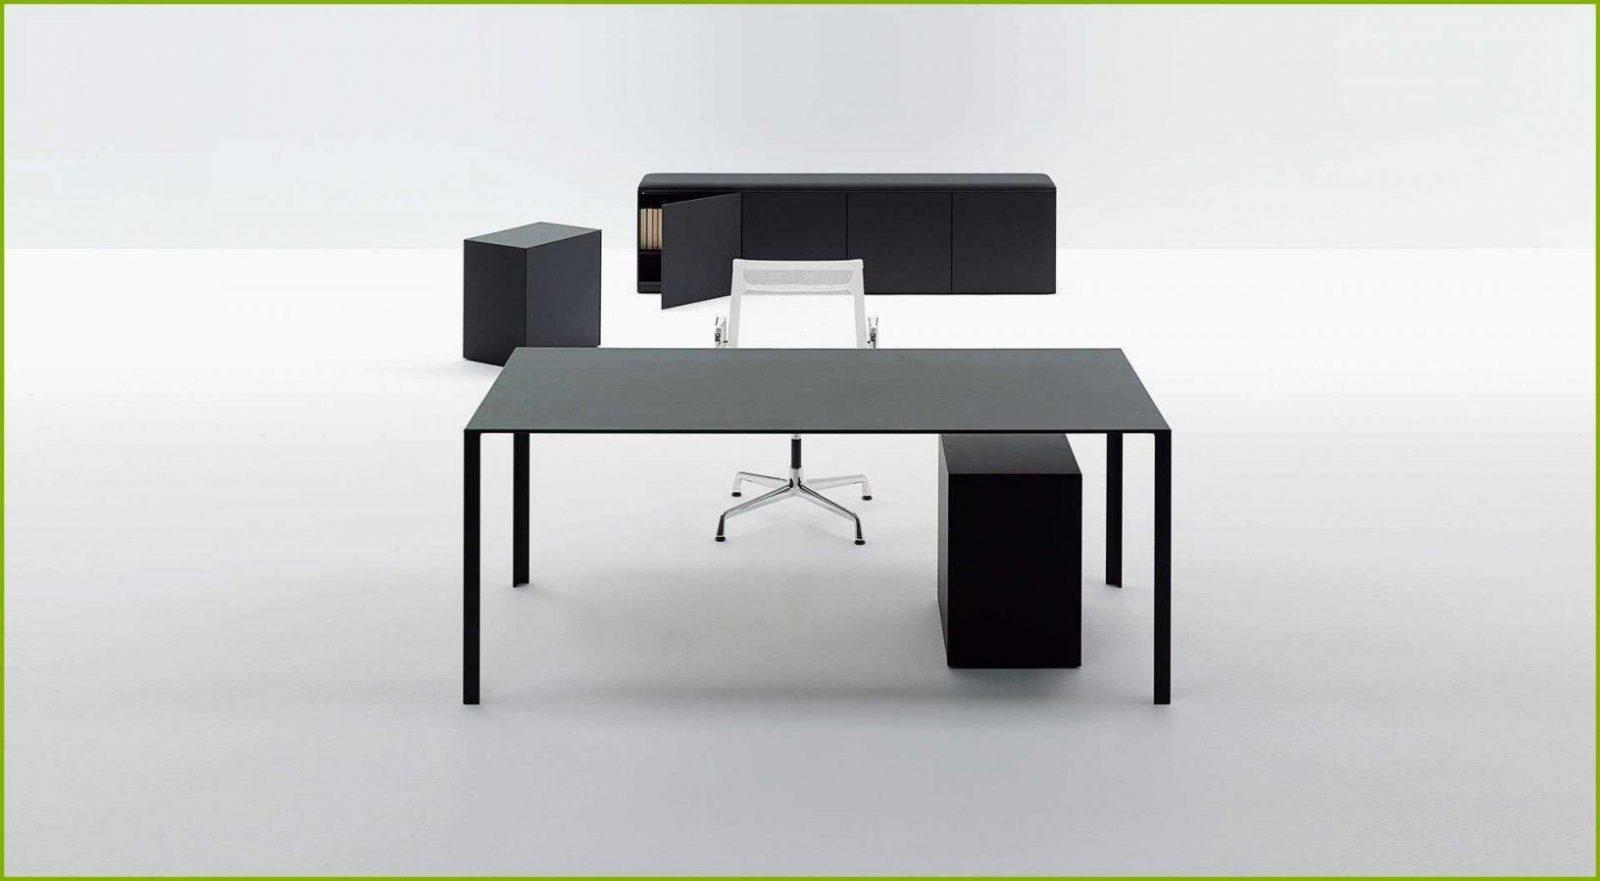 Arbeitsplatte 70 Cm Breit Schöne Schreibtisch 70 Cm Breit – Deutsche von Küchenarbeitsplatte 70 Cm Breit Photo